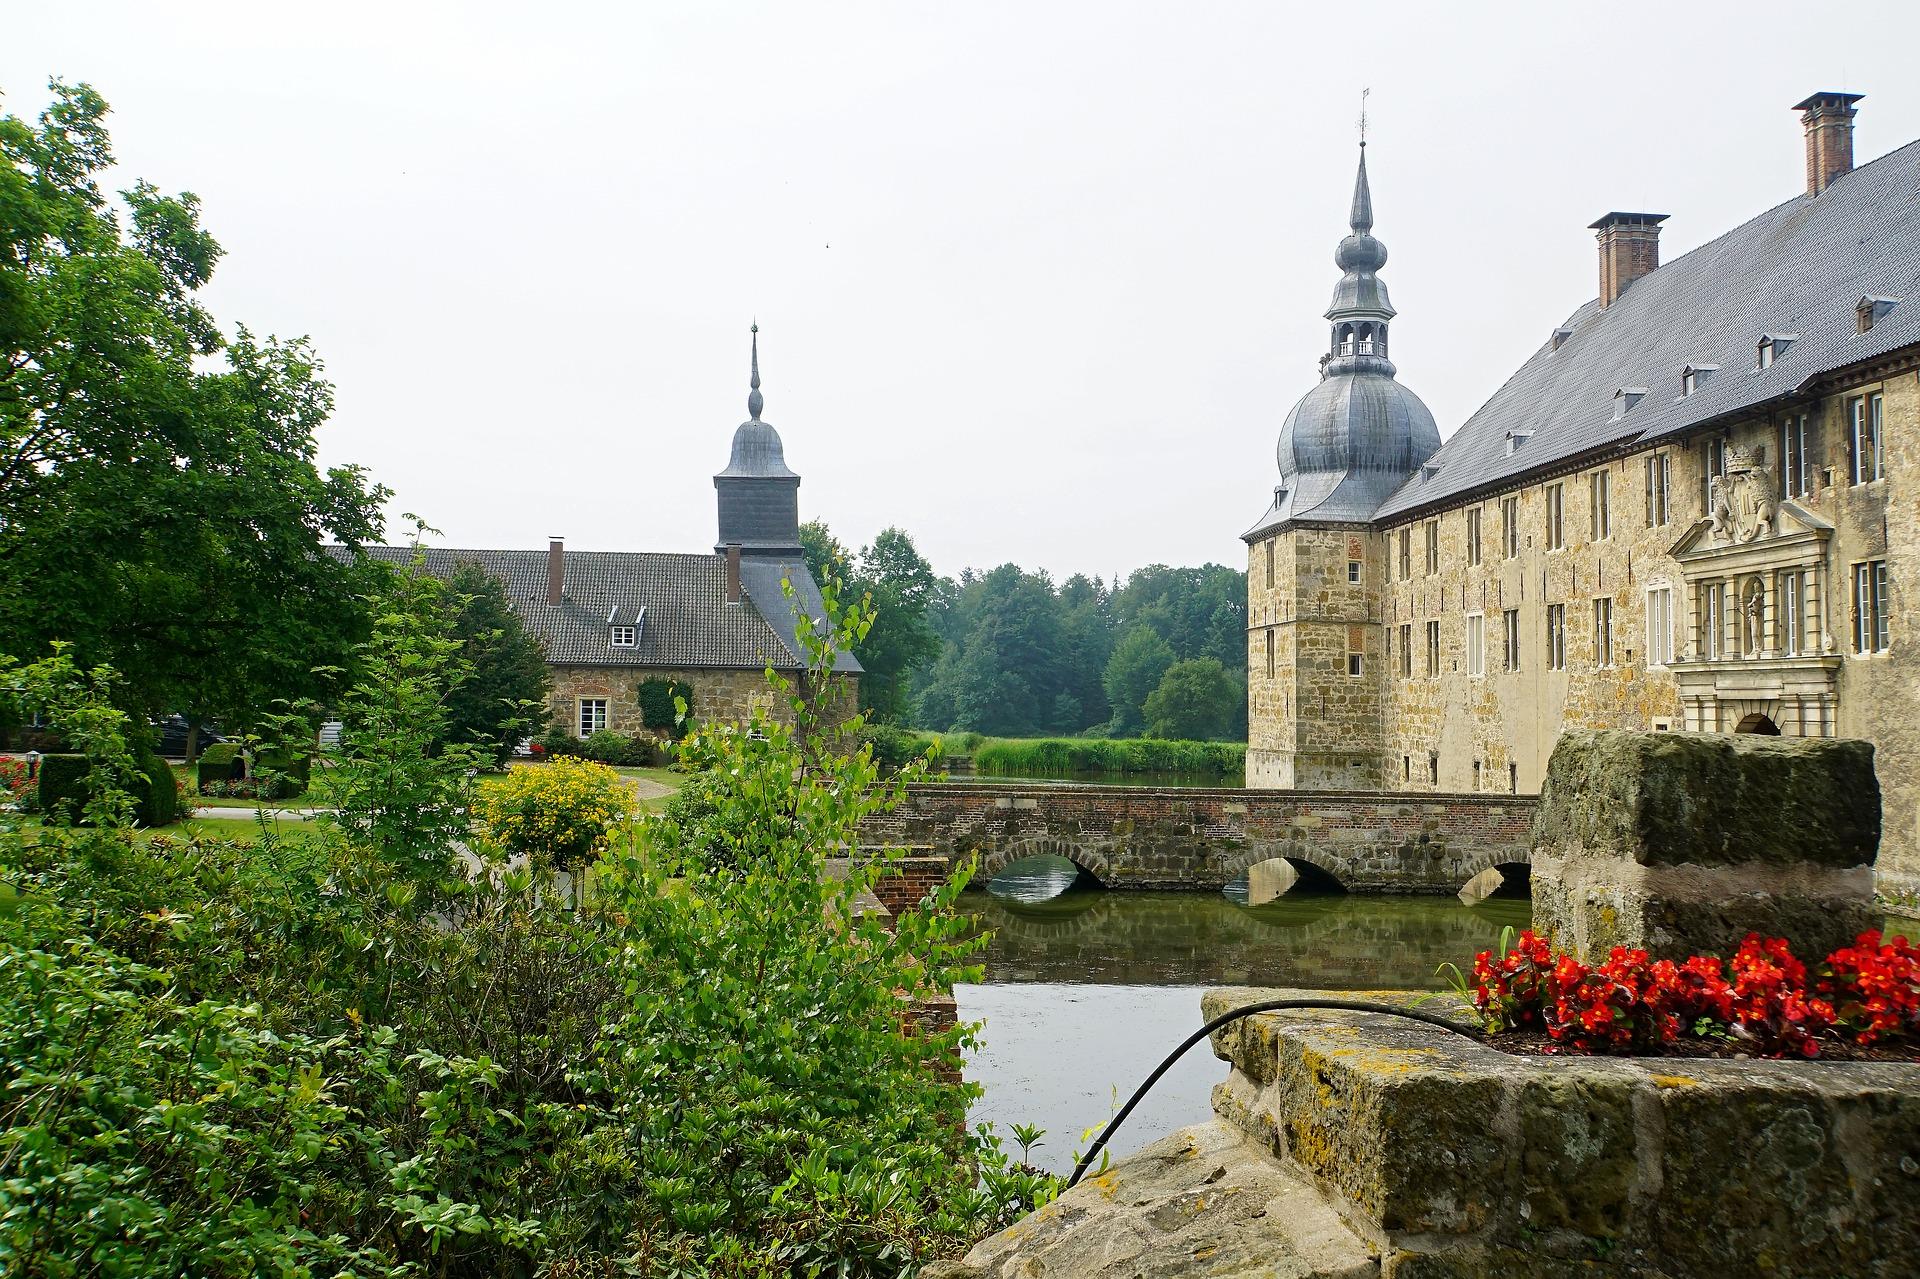 Schloss Glücksburg Schloss Ahrensburg Schloss Wendhausen Schloss Lembeck Schloss Nordkirchen Schloss Ahaus Schloss Wittringen Schloss Oberwerris Inzlinger Wasserschloss Wasserschloss Glatt Schloss Entenstein Wasserschloss Unsleben Schloss Mespelbrunn Wasserschloss Taufkirchen